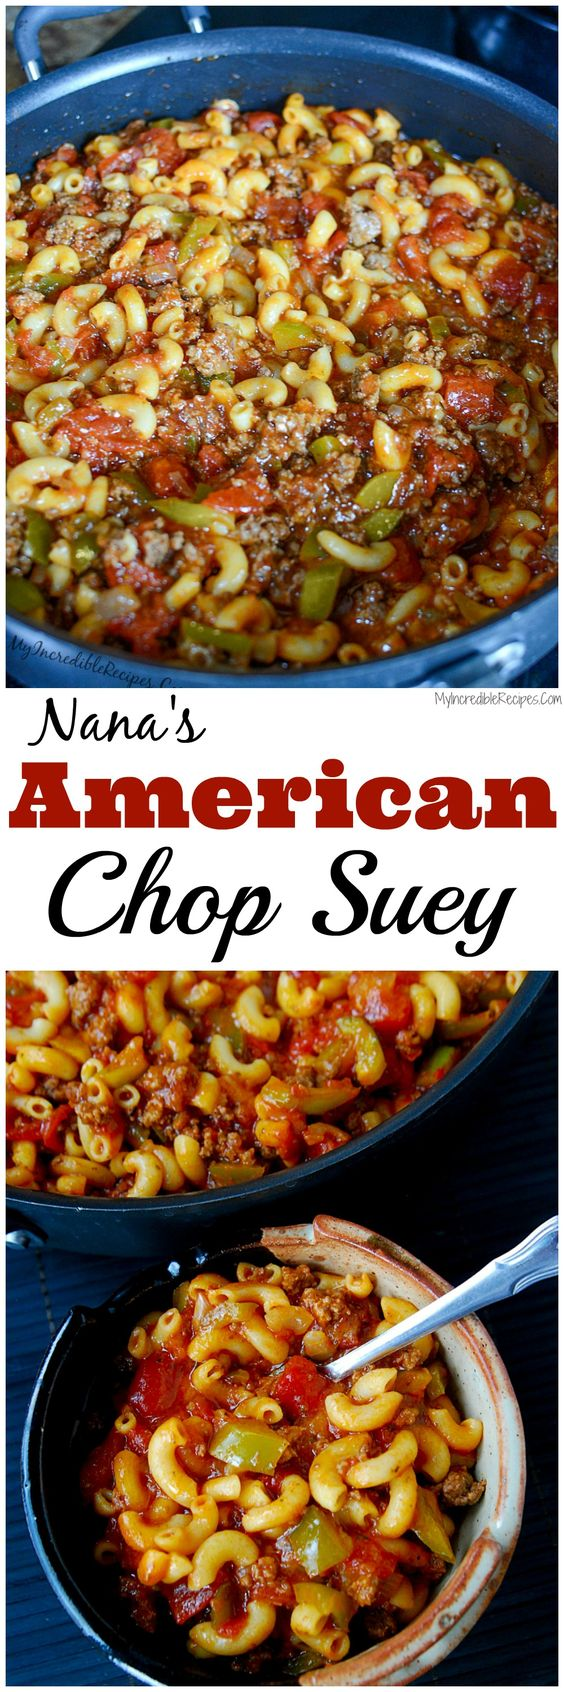 chop suey ii american chop suey ii recipes dishmaps stew american chop ...